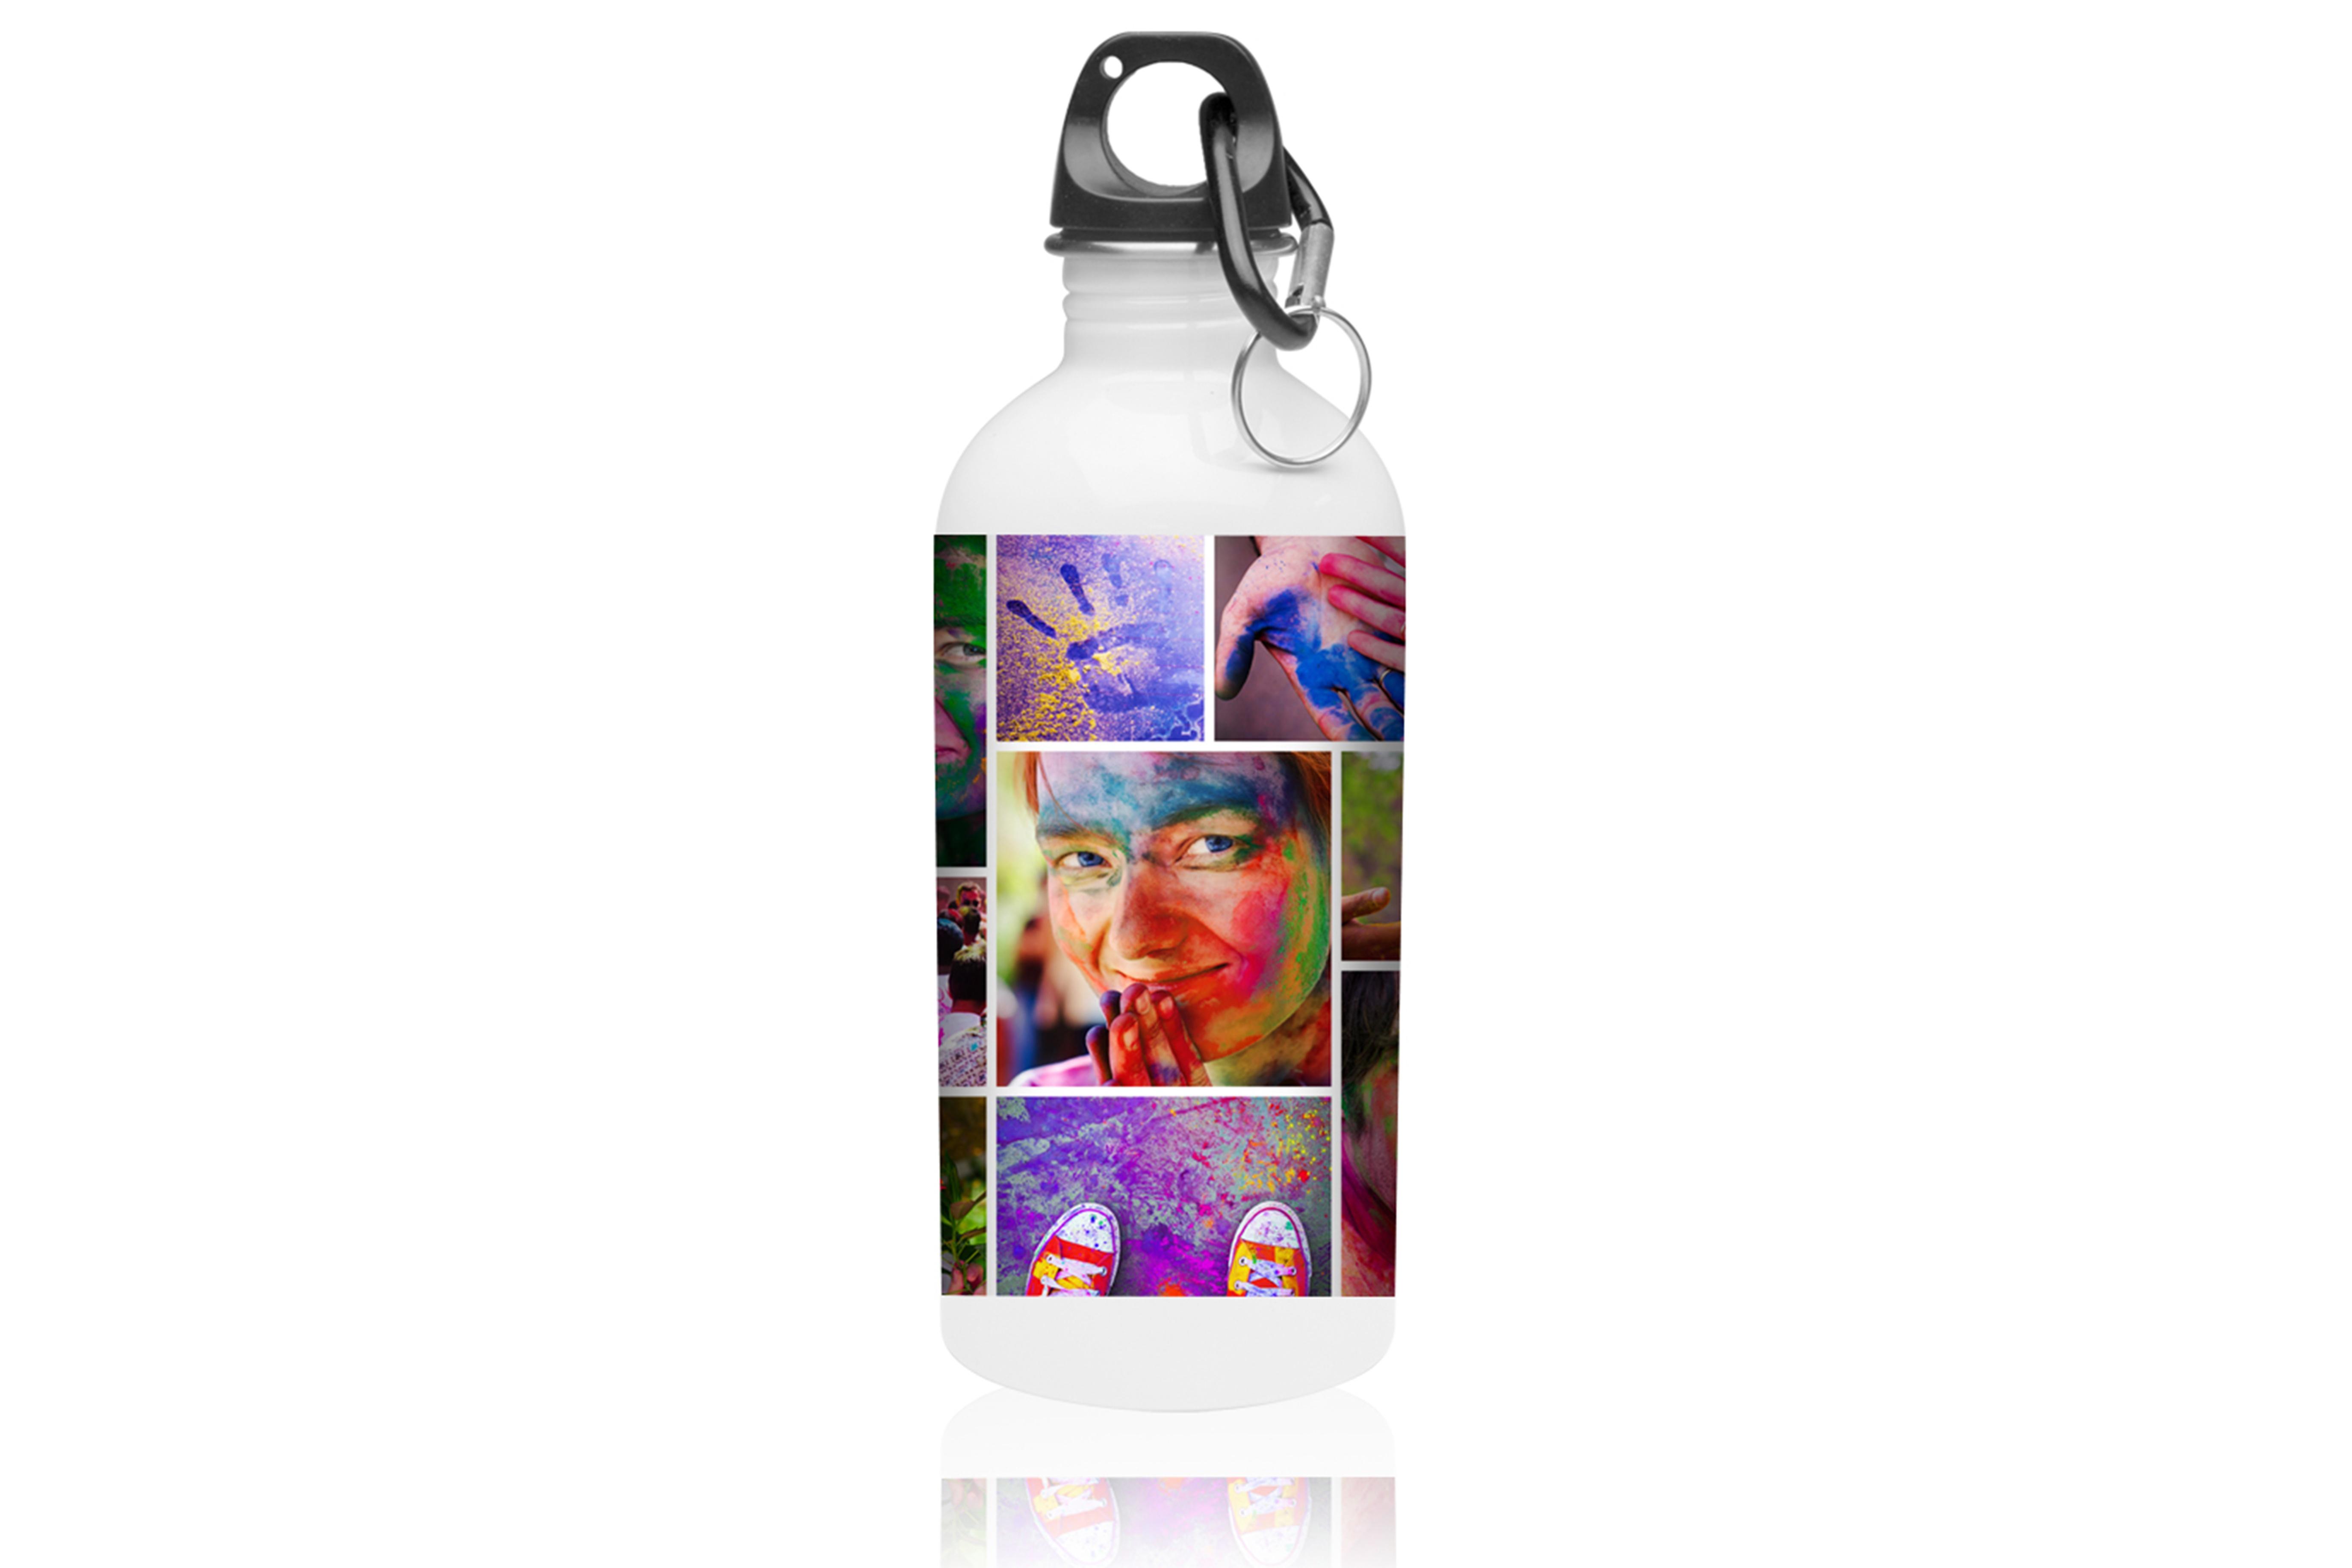 photo water bottle idea